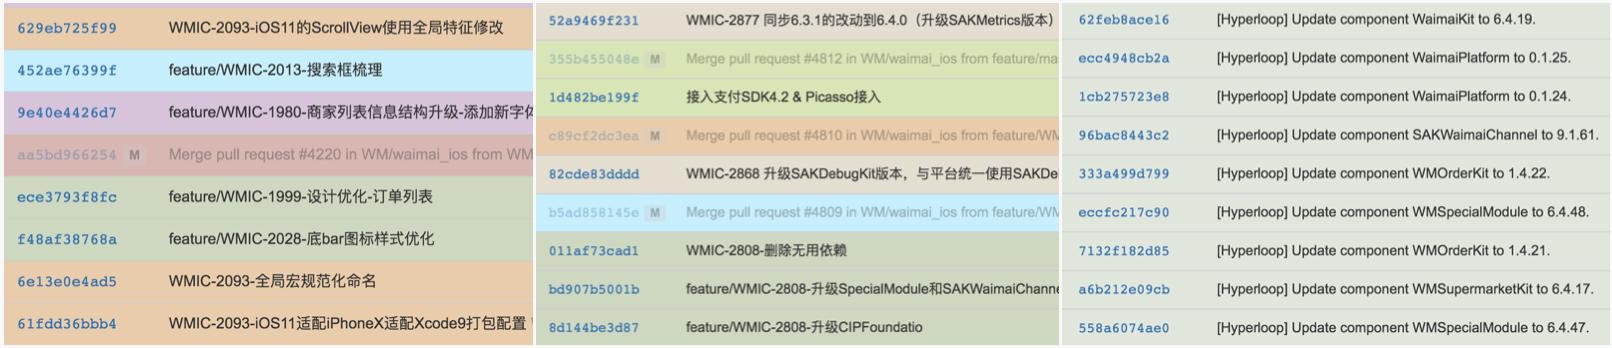 图20 主工程commit message的变化